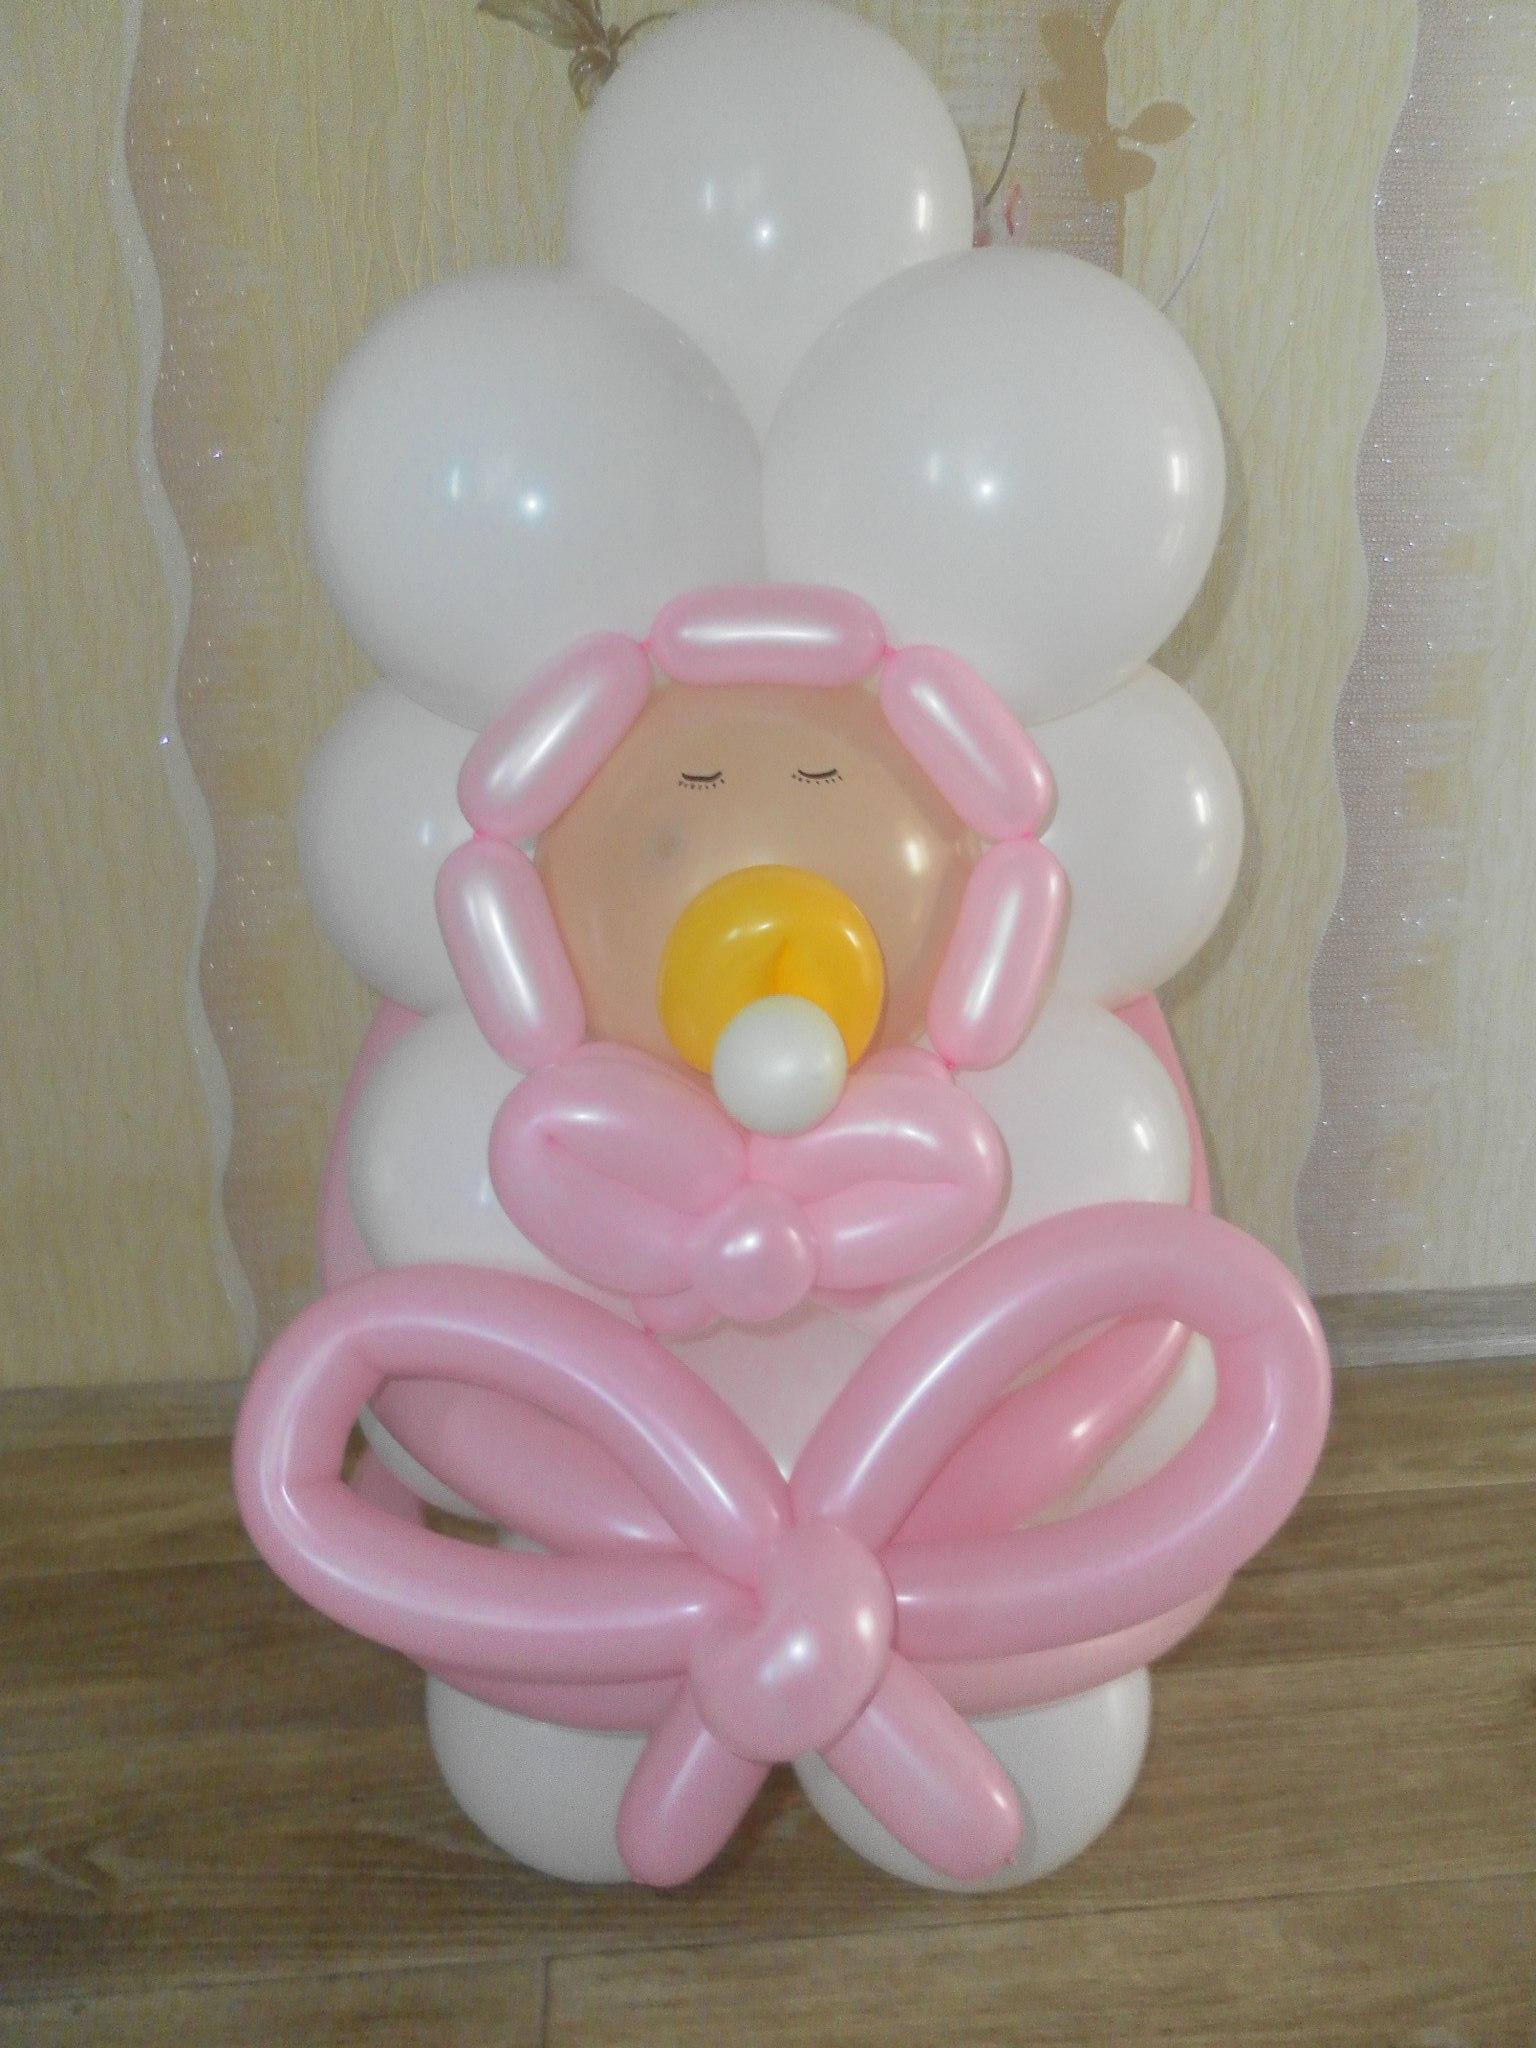 Композиции из шаров фото для ребёнка